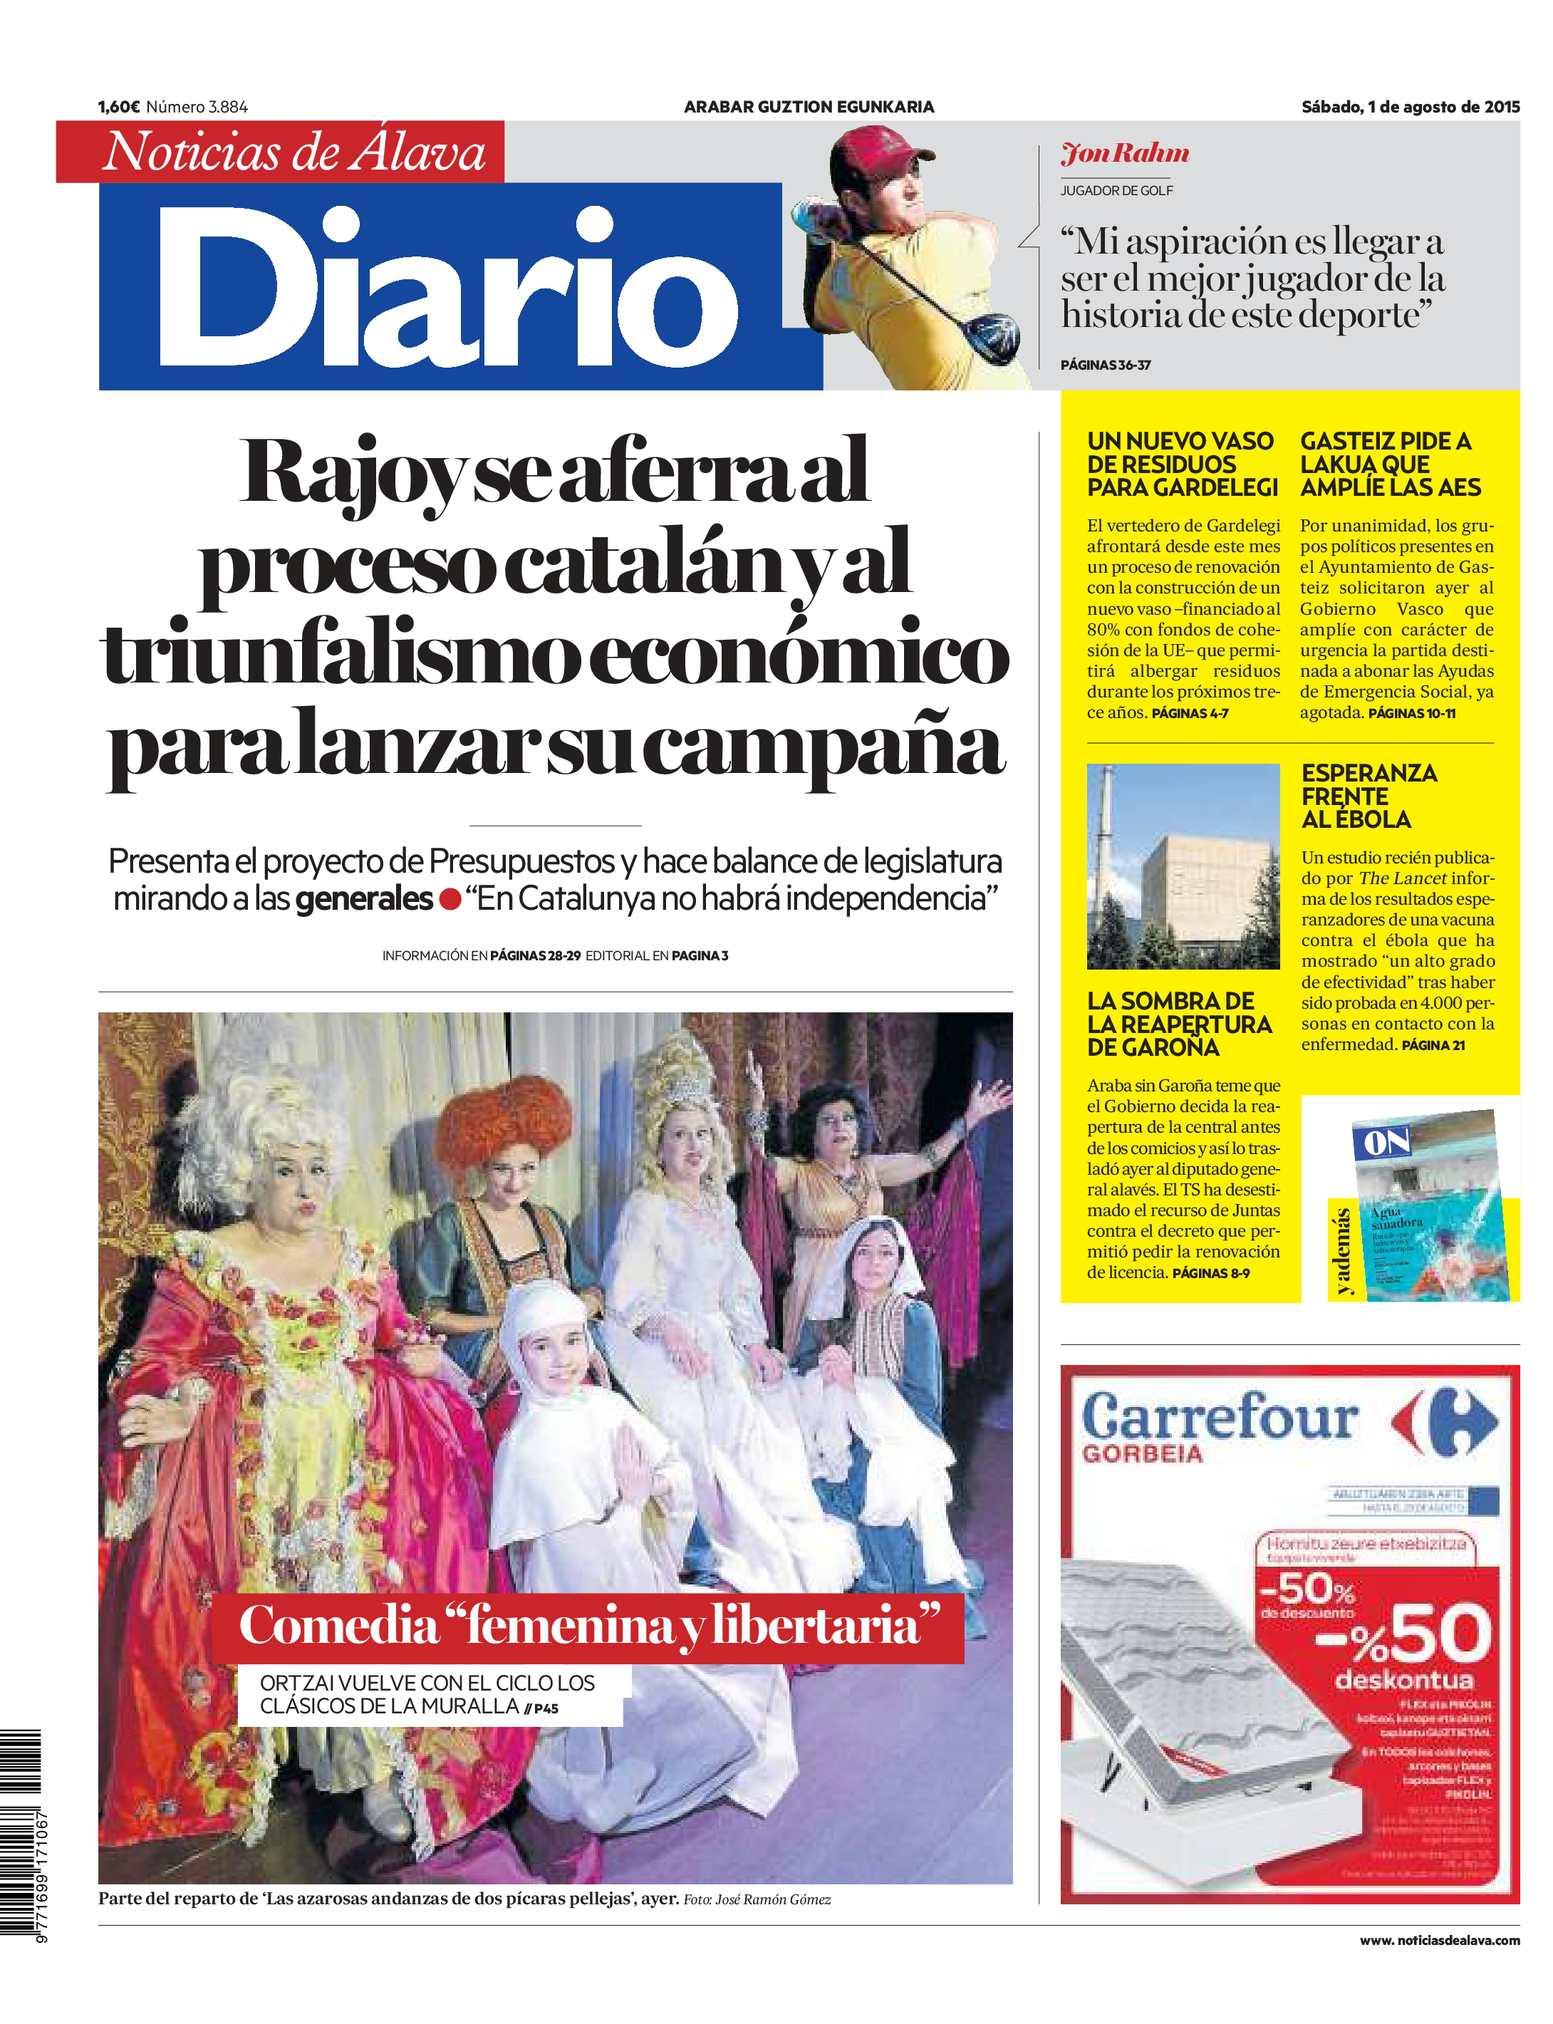 Calaméo - Diario de Noticias de Álava 20150801